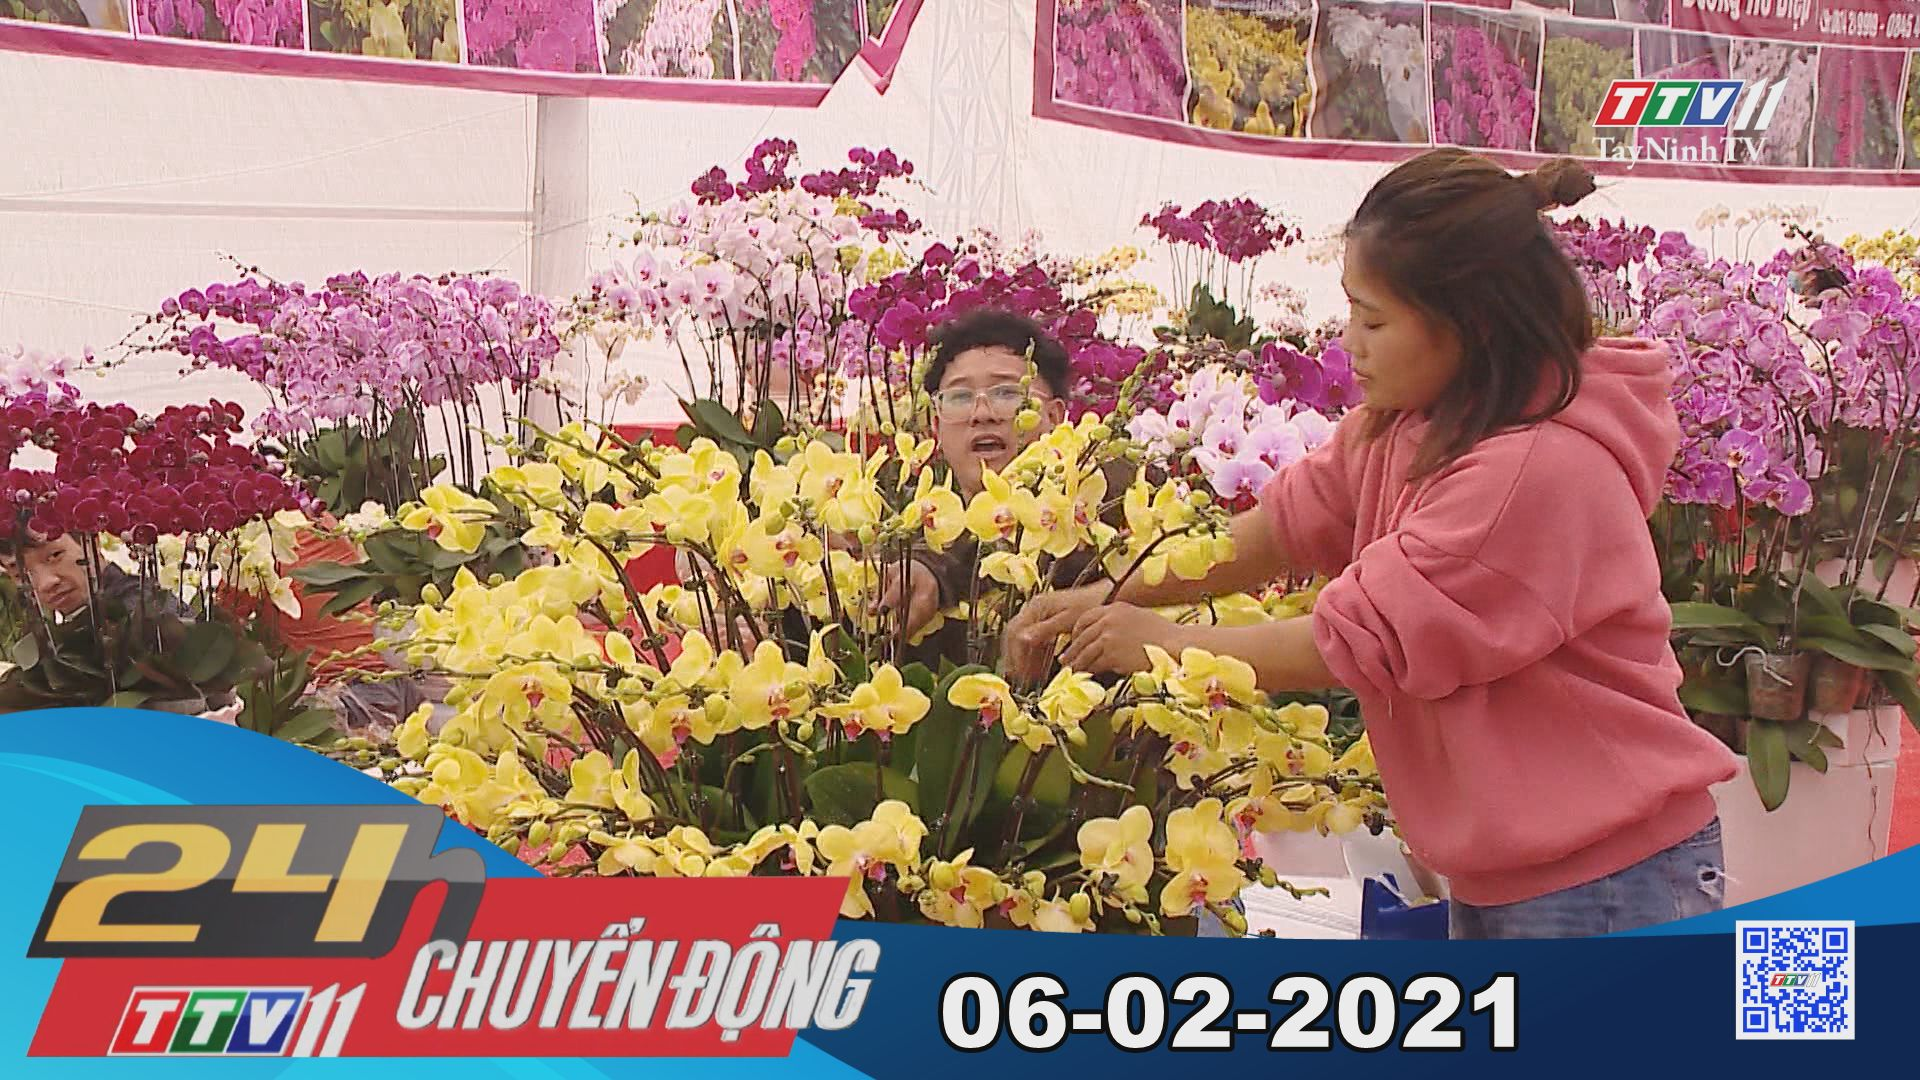 24h Chuyển động 06-02-2021   Tin tức hôm nay   TayNinhTV